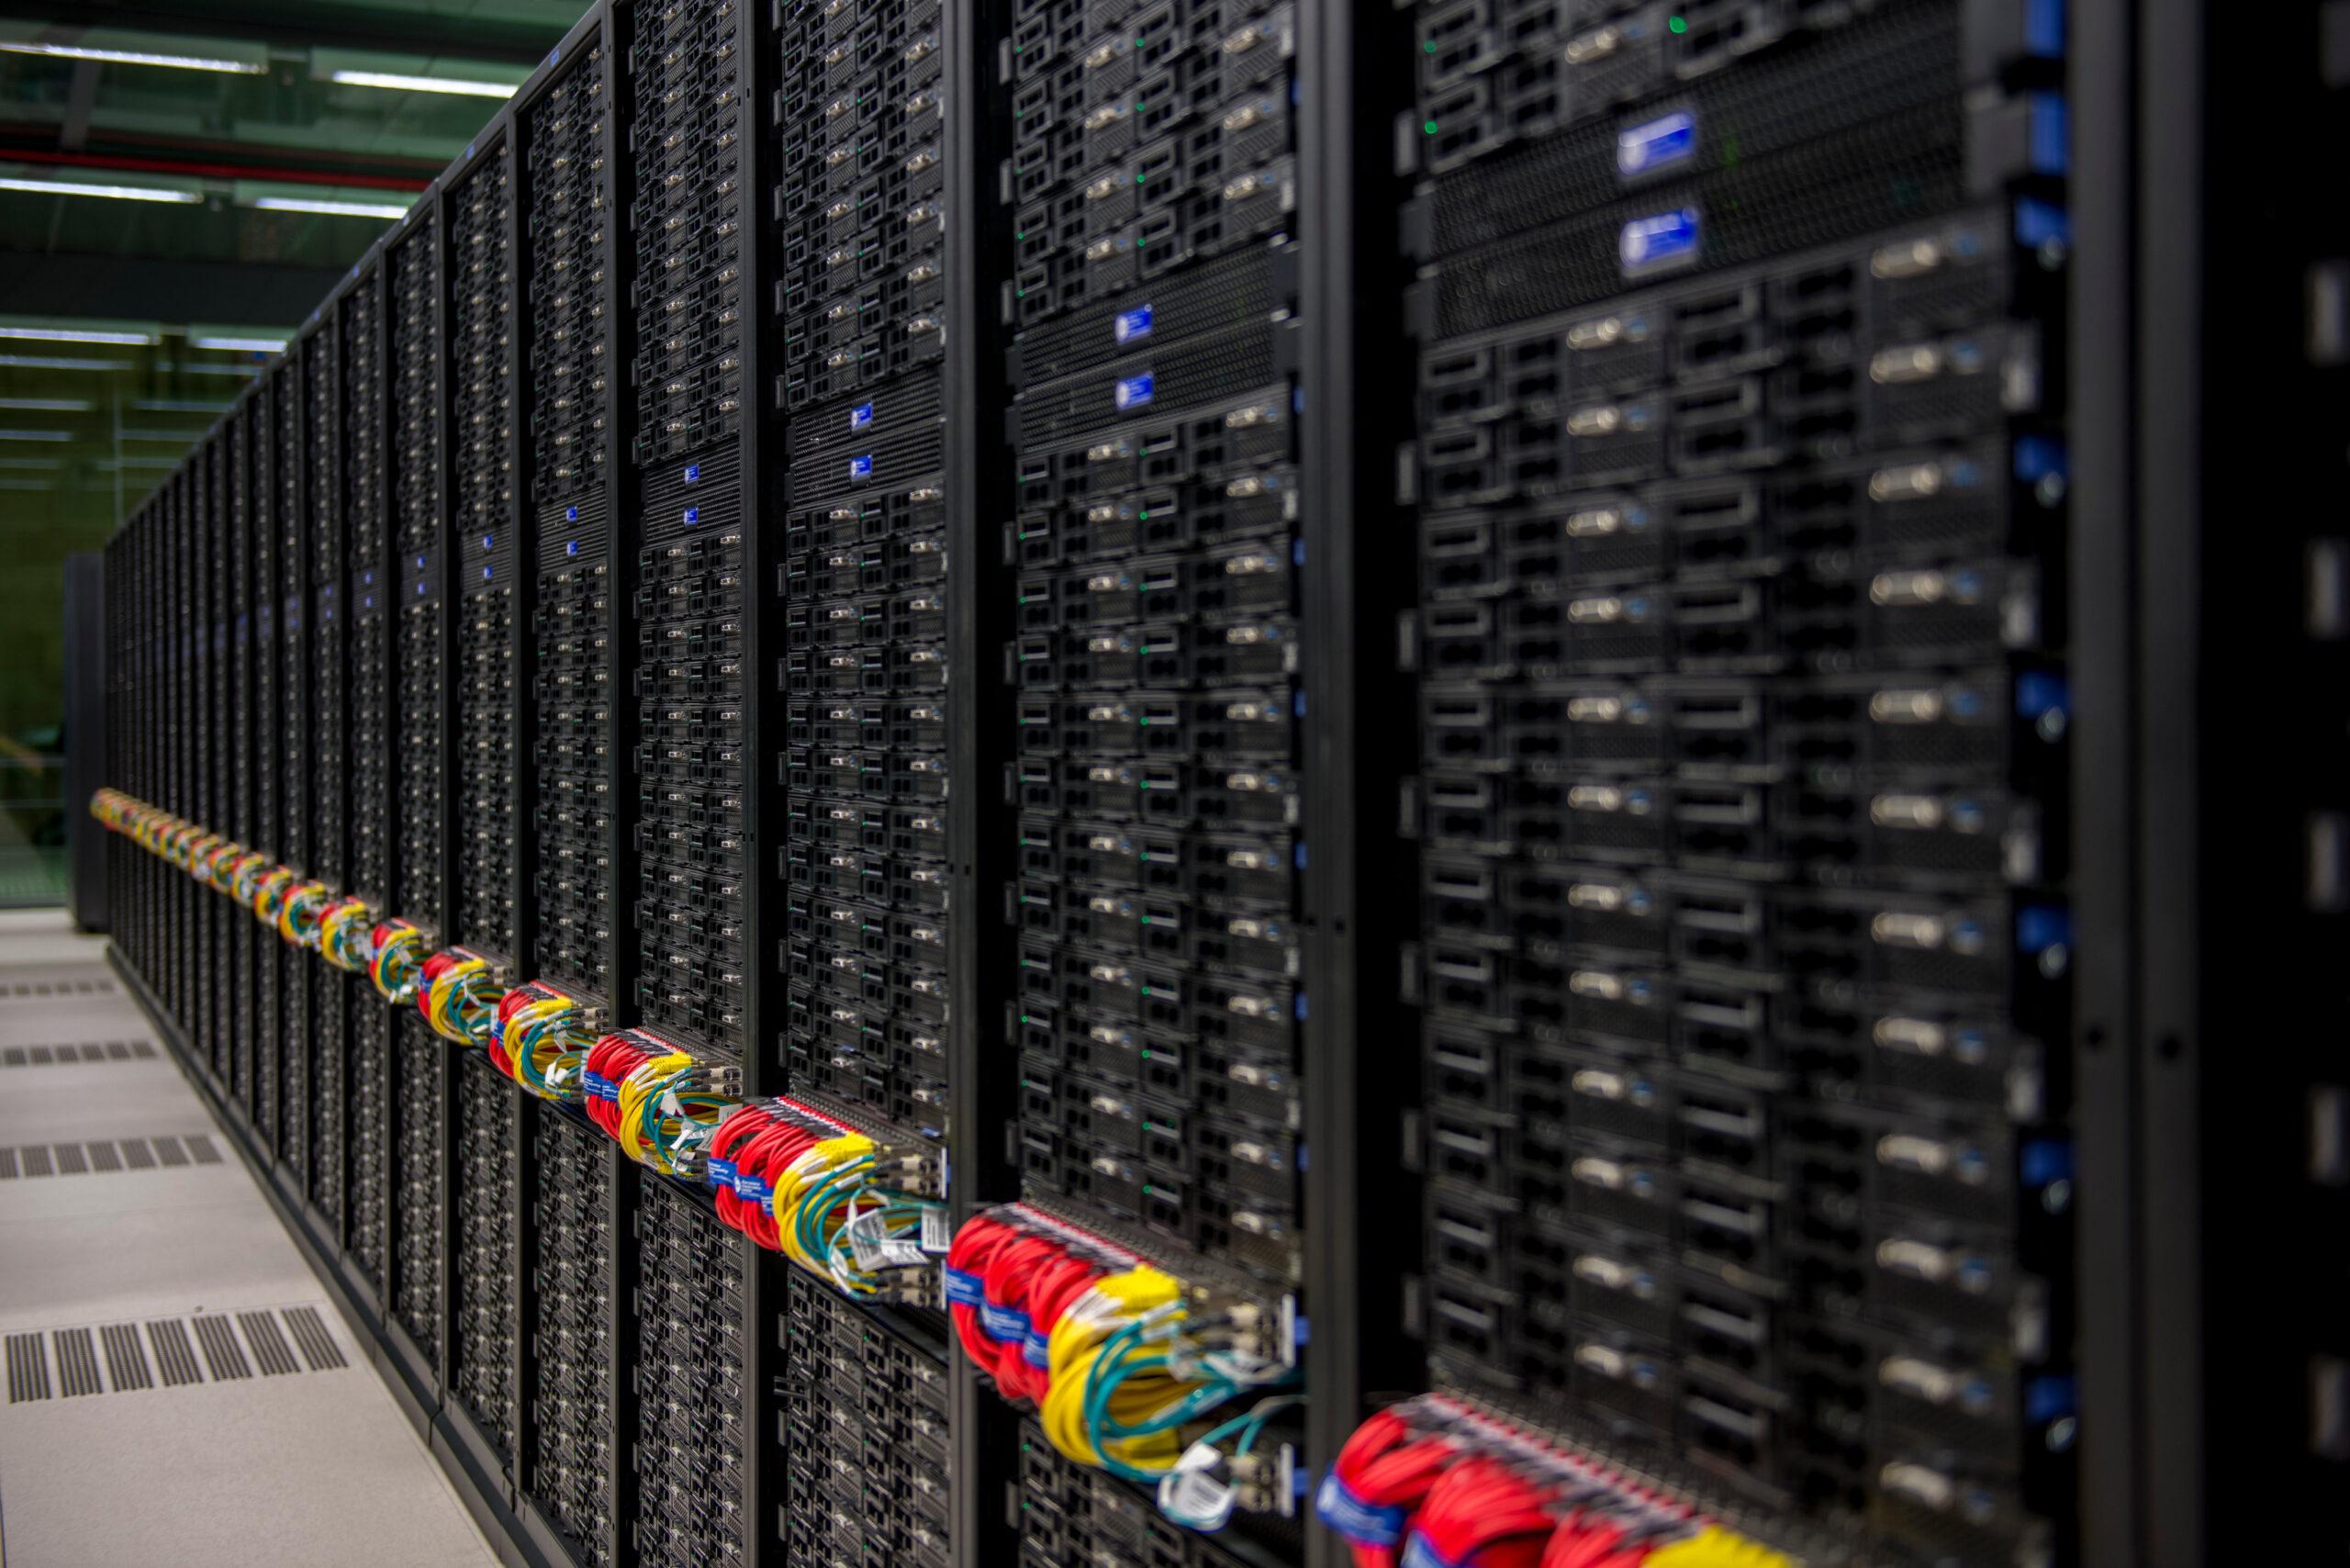 El supercomputador MareNostrum 4, des d'un dels passadissos. Foto cedida pel Barcelona Supercomputing Center (BSC)/ ACN